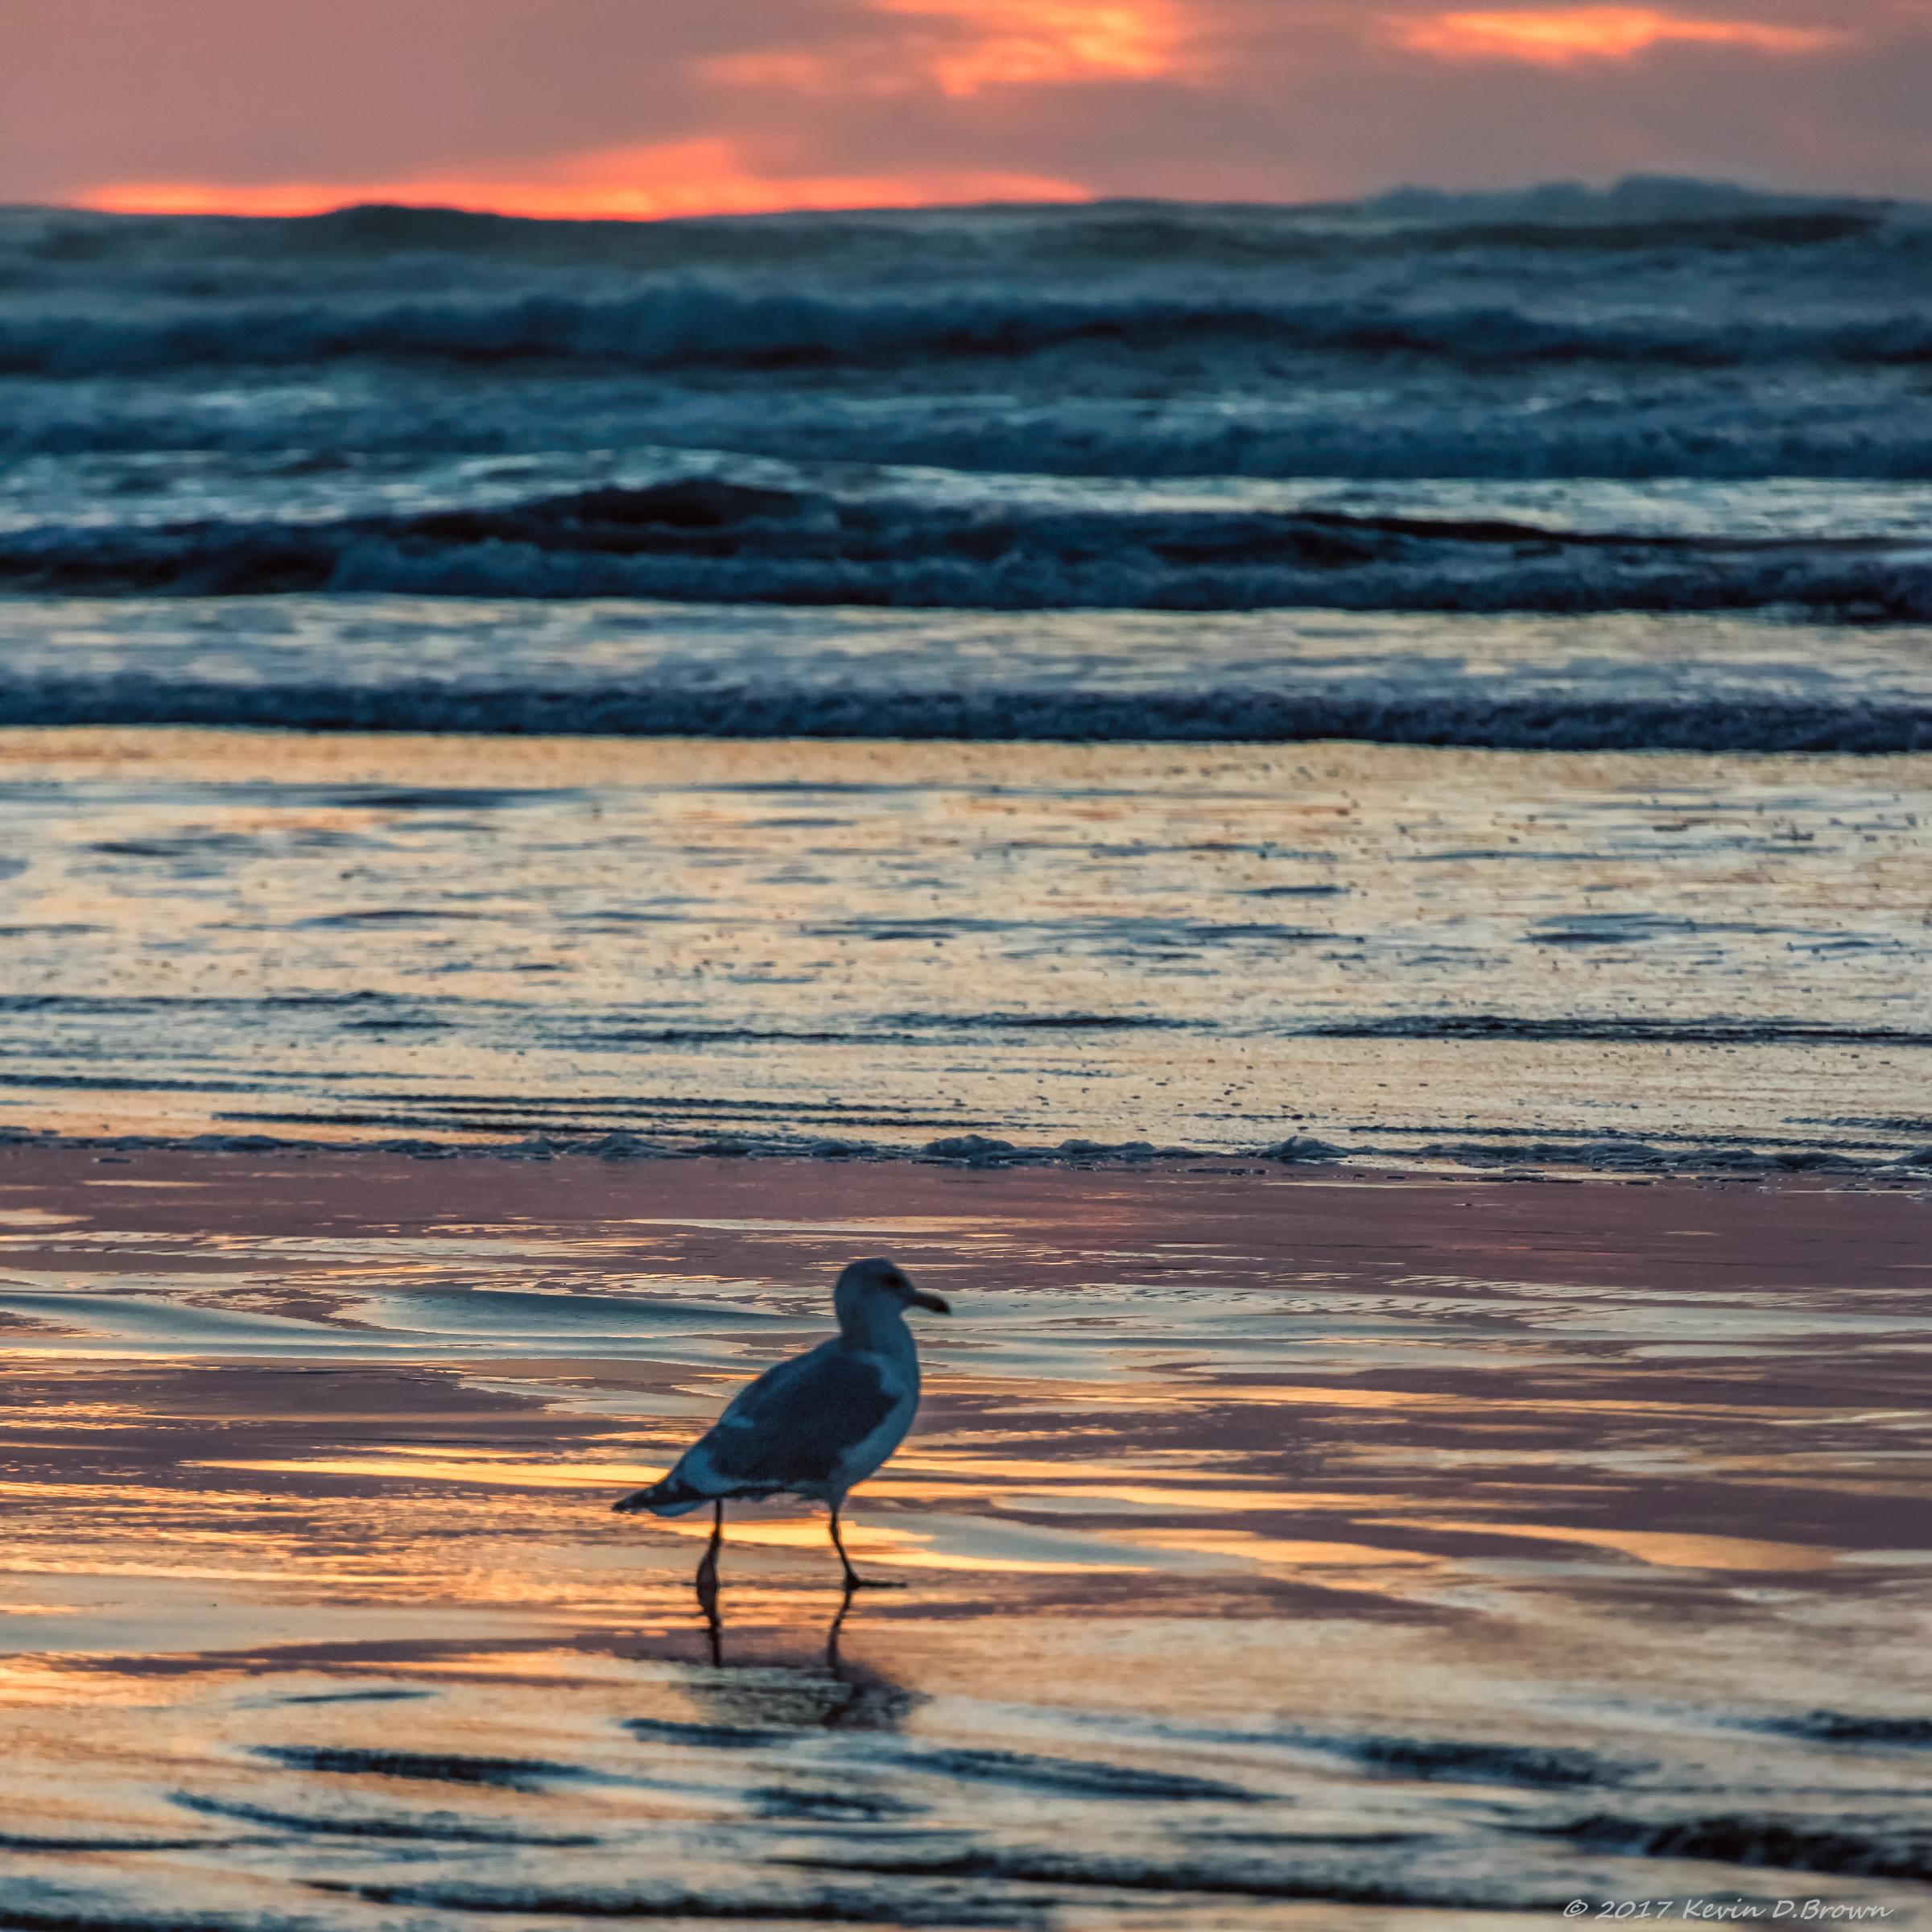 Nye Beach, Newport, Oregon